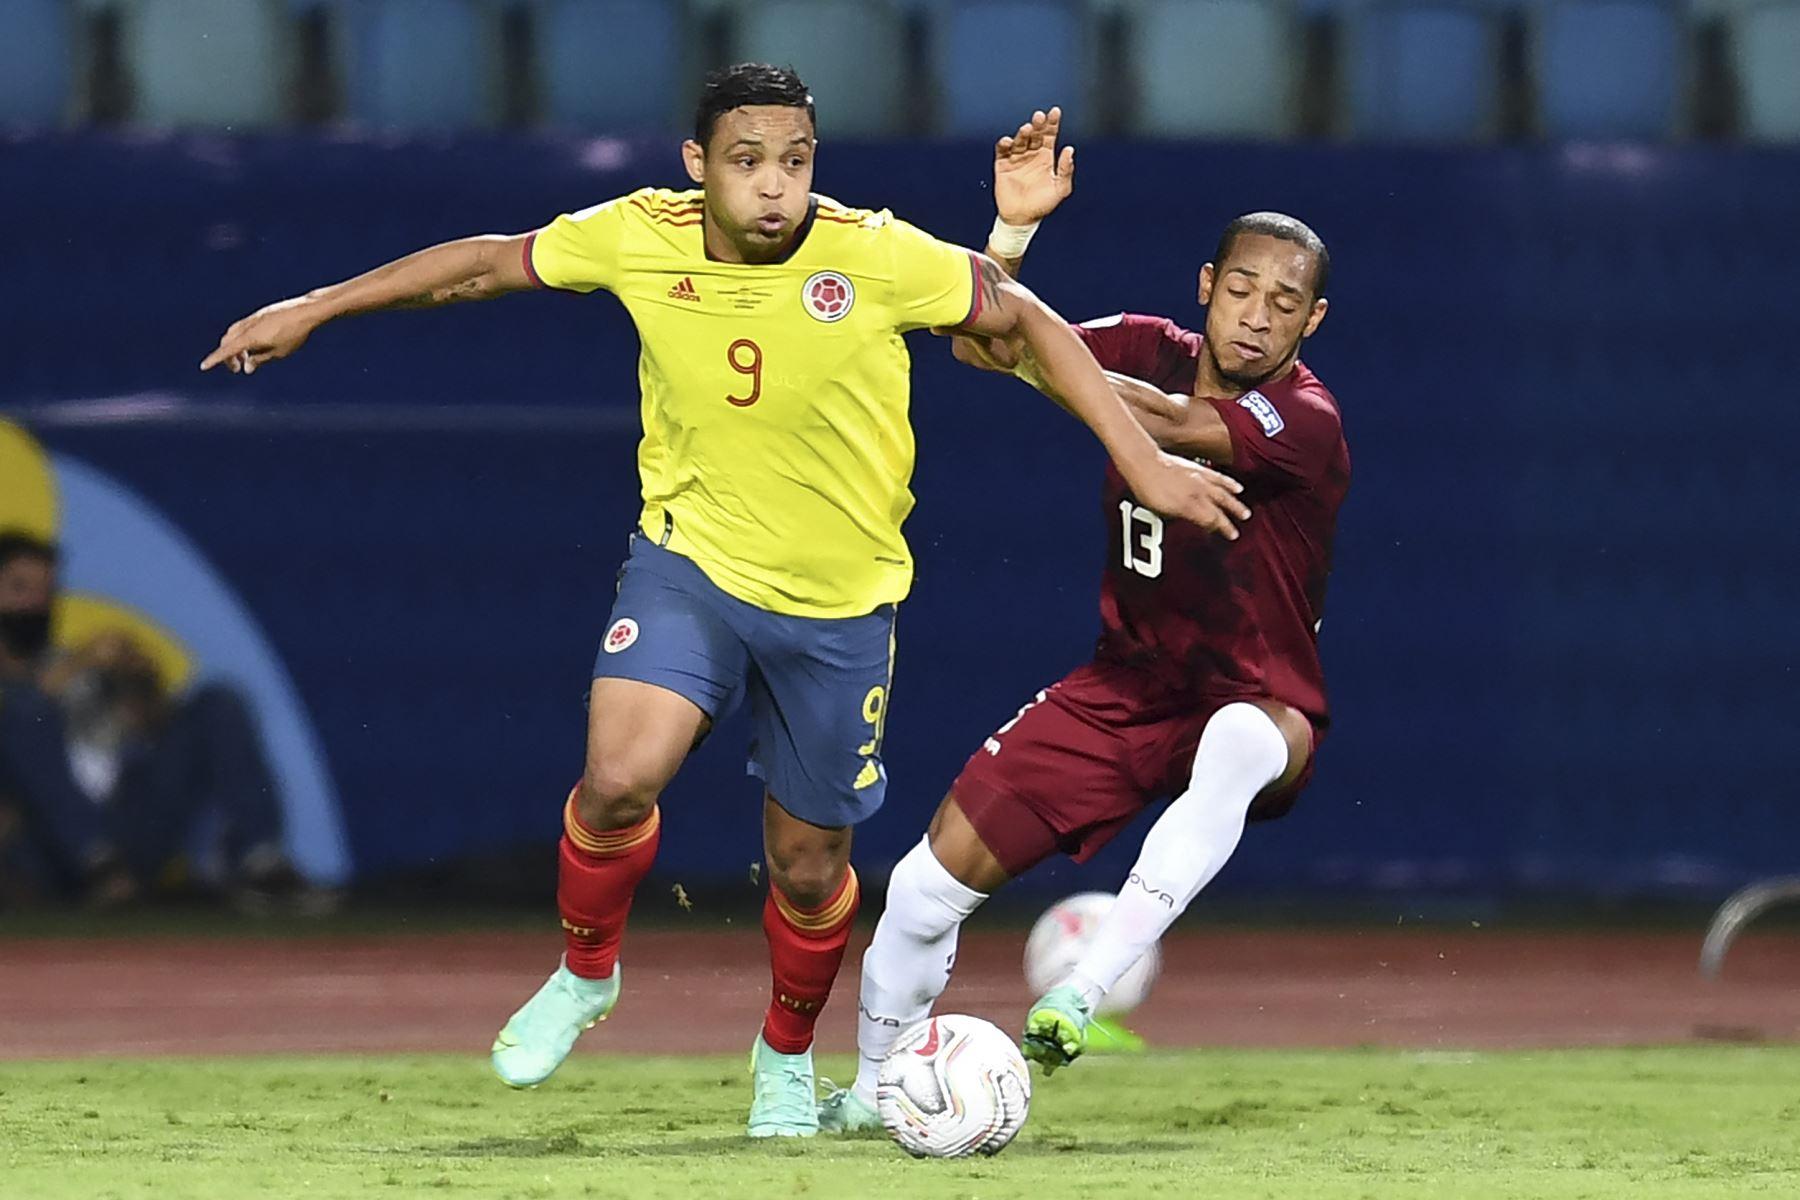 El colombiano Luis Muriel y el venezolano José Martínez compiten por el balón durante el partido de la fase de grupos de la Copa América 2021, en el Estadio Olímpico de Goiania, Brasil. Foto: AFP